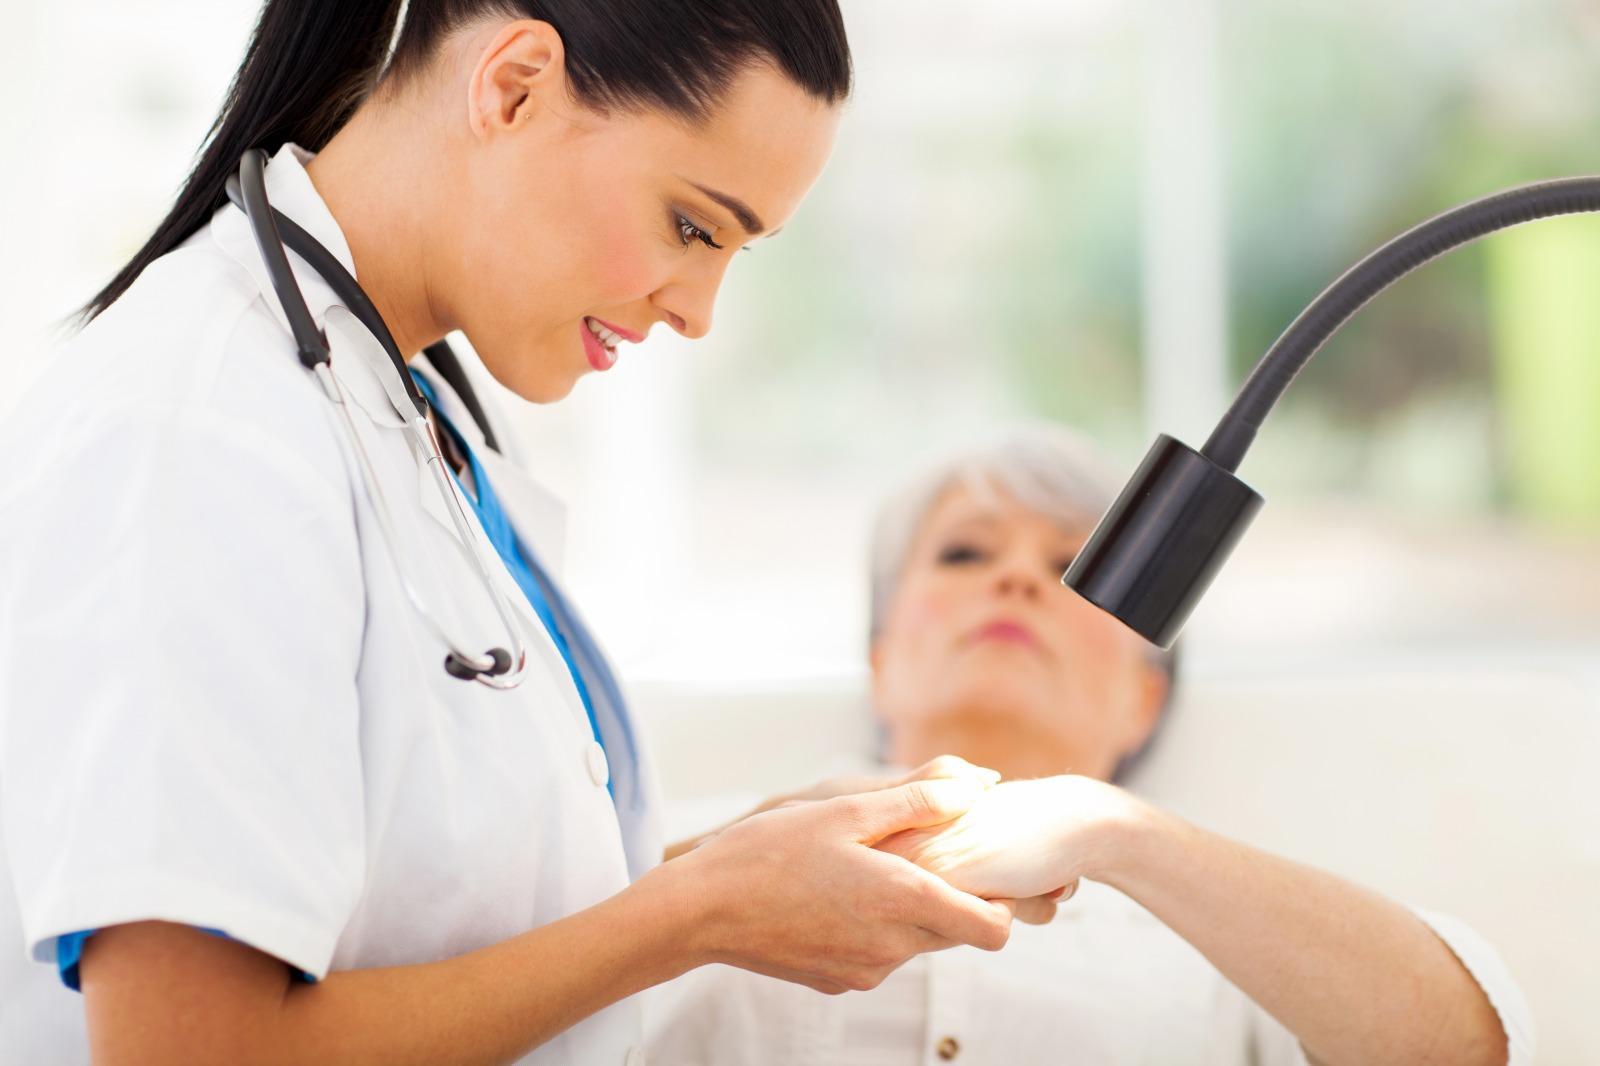 II Encontro de Prevenção e Tratamento de Lesões de Pele Avanço tecnológico para tratamentos de lesões